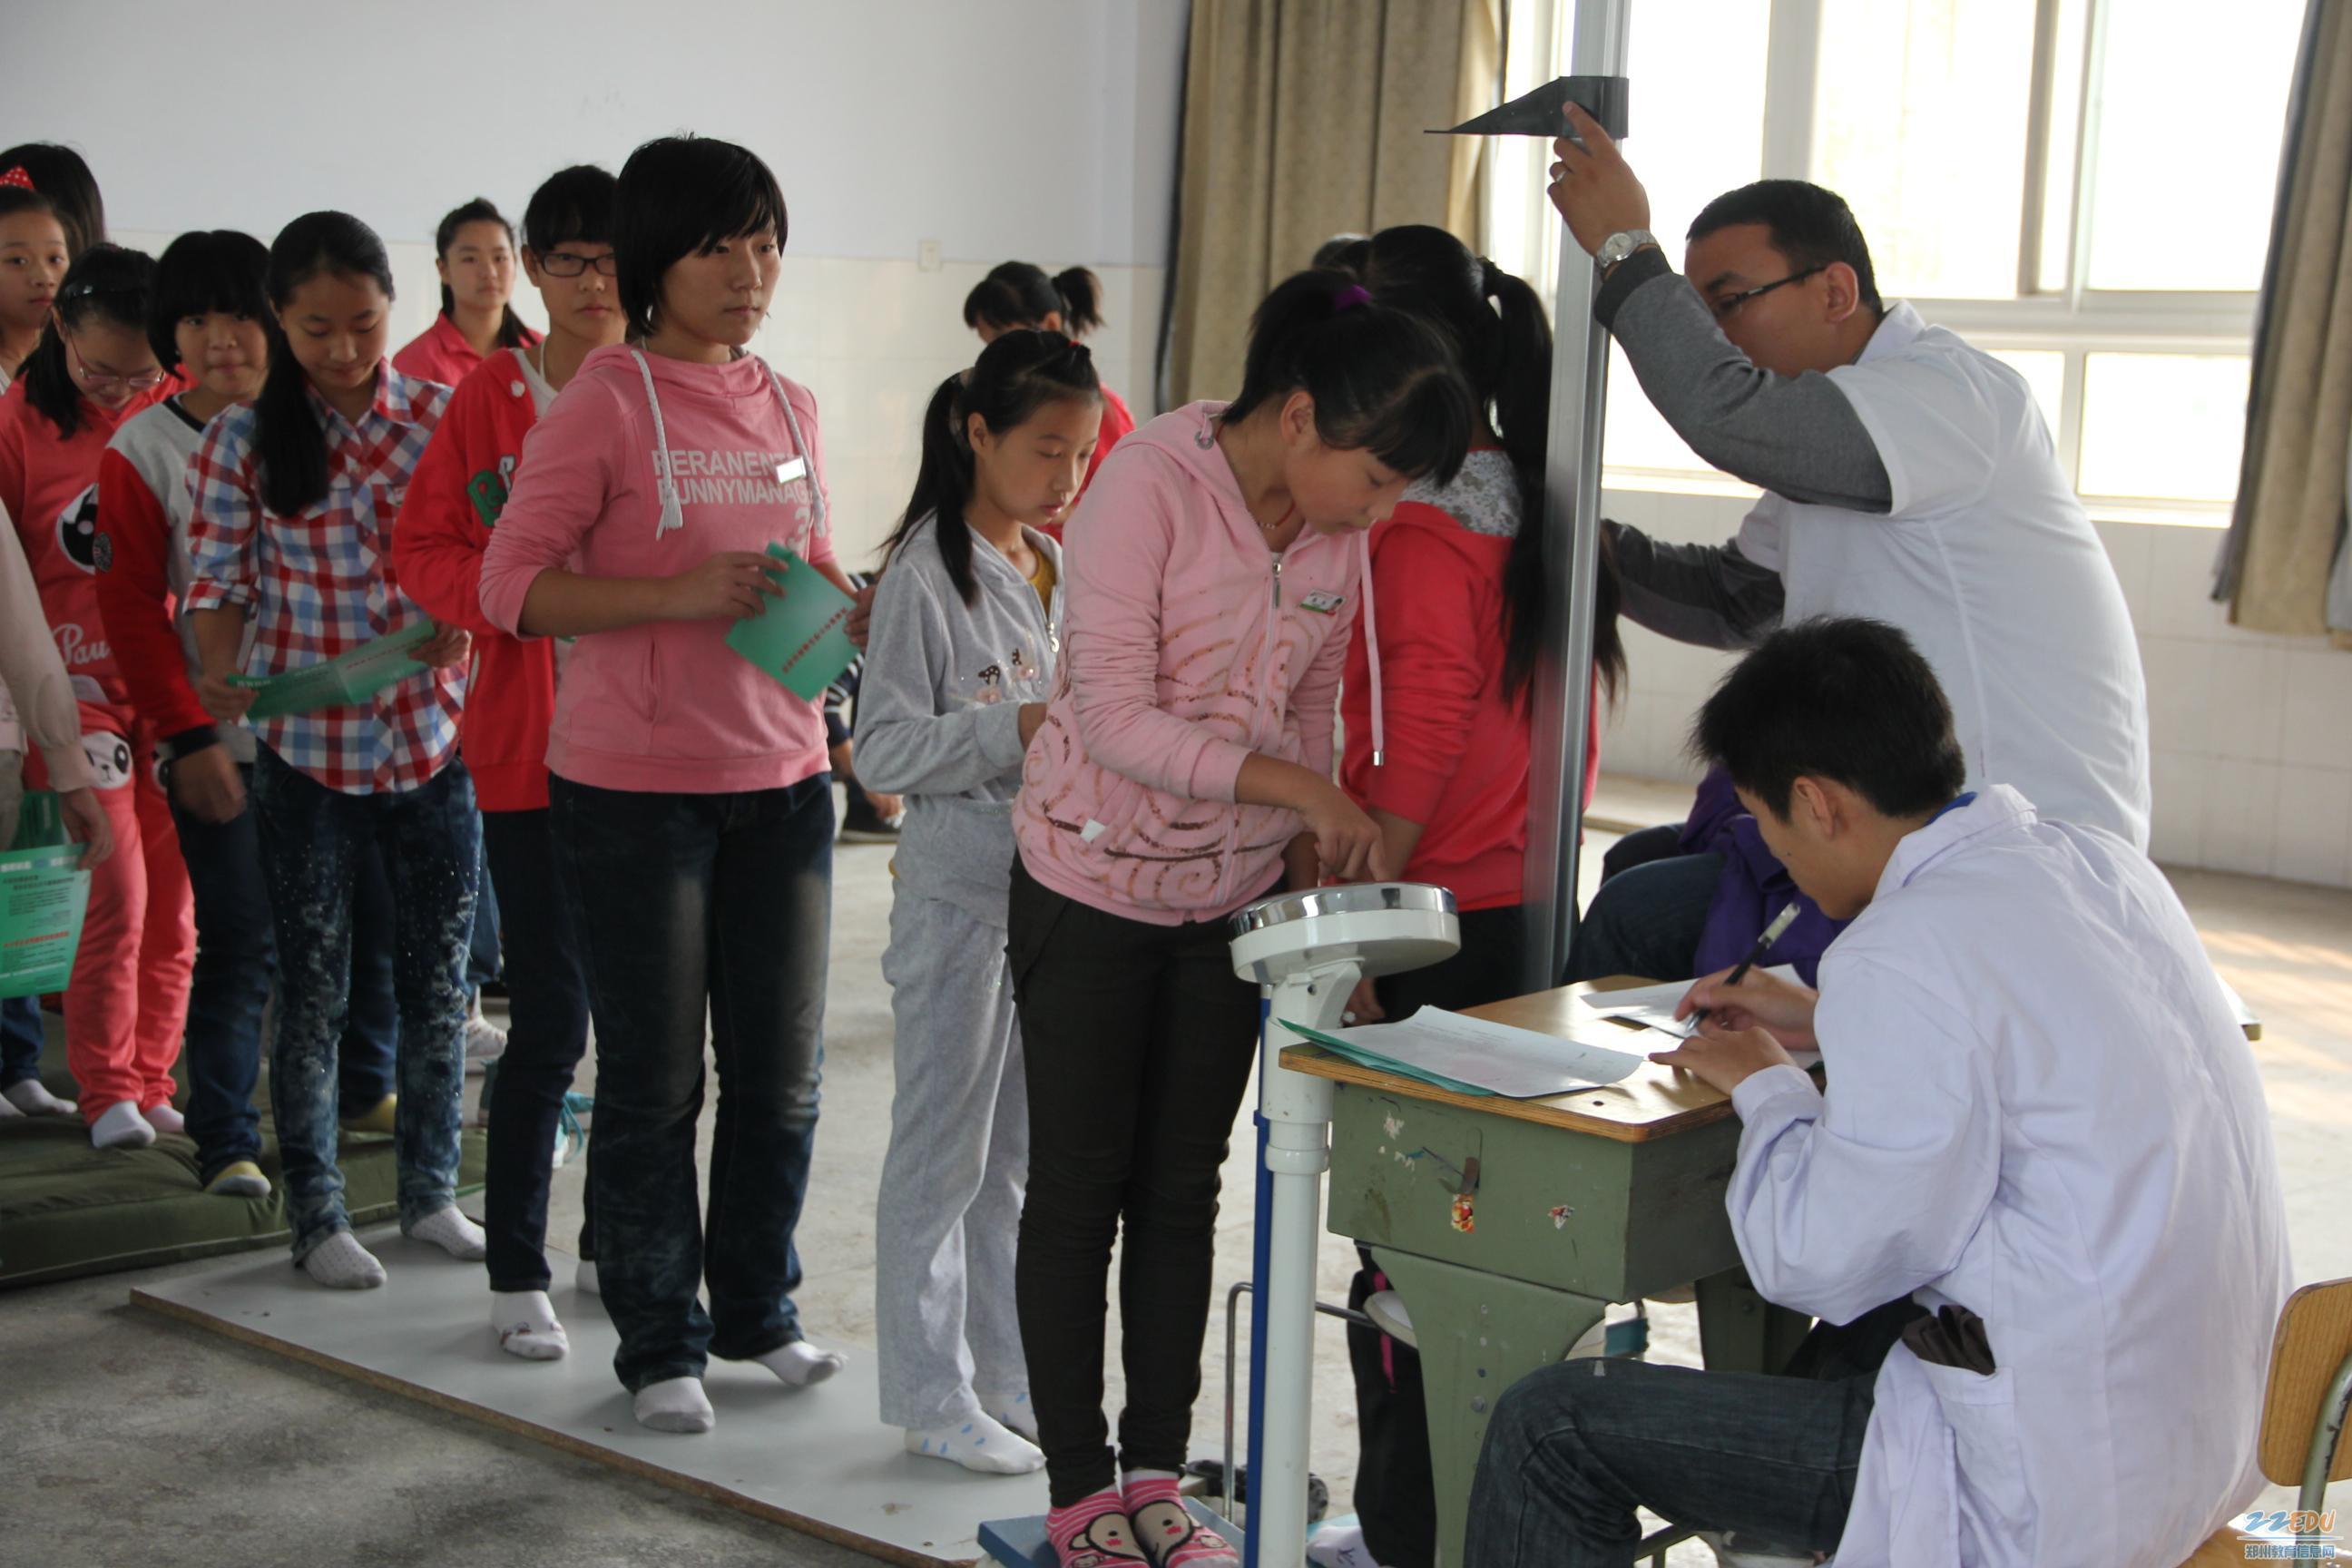 郑州新闻网_[49中] 寒露之后天渐凉 保健体检送健康--郑州教育信息网